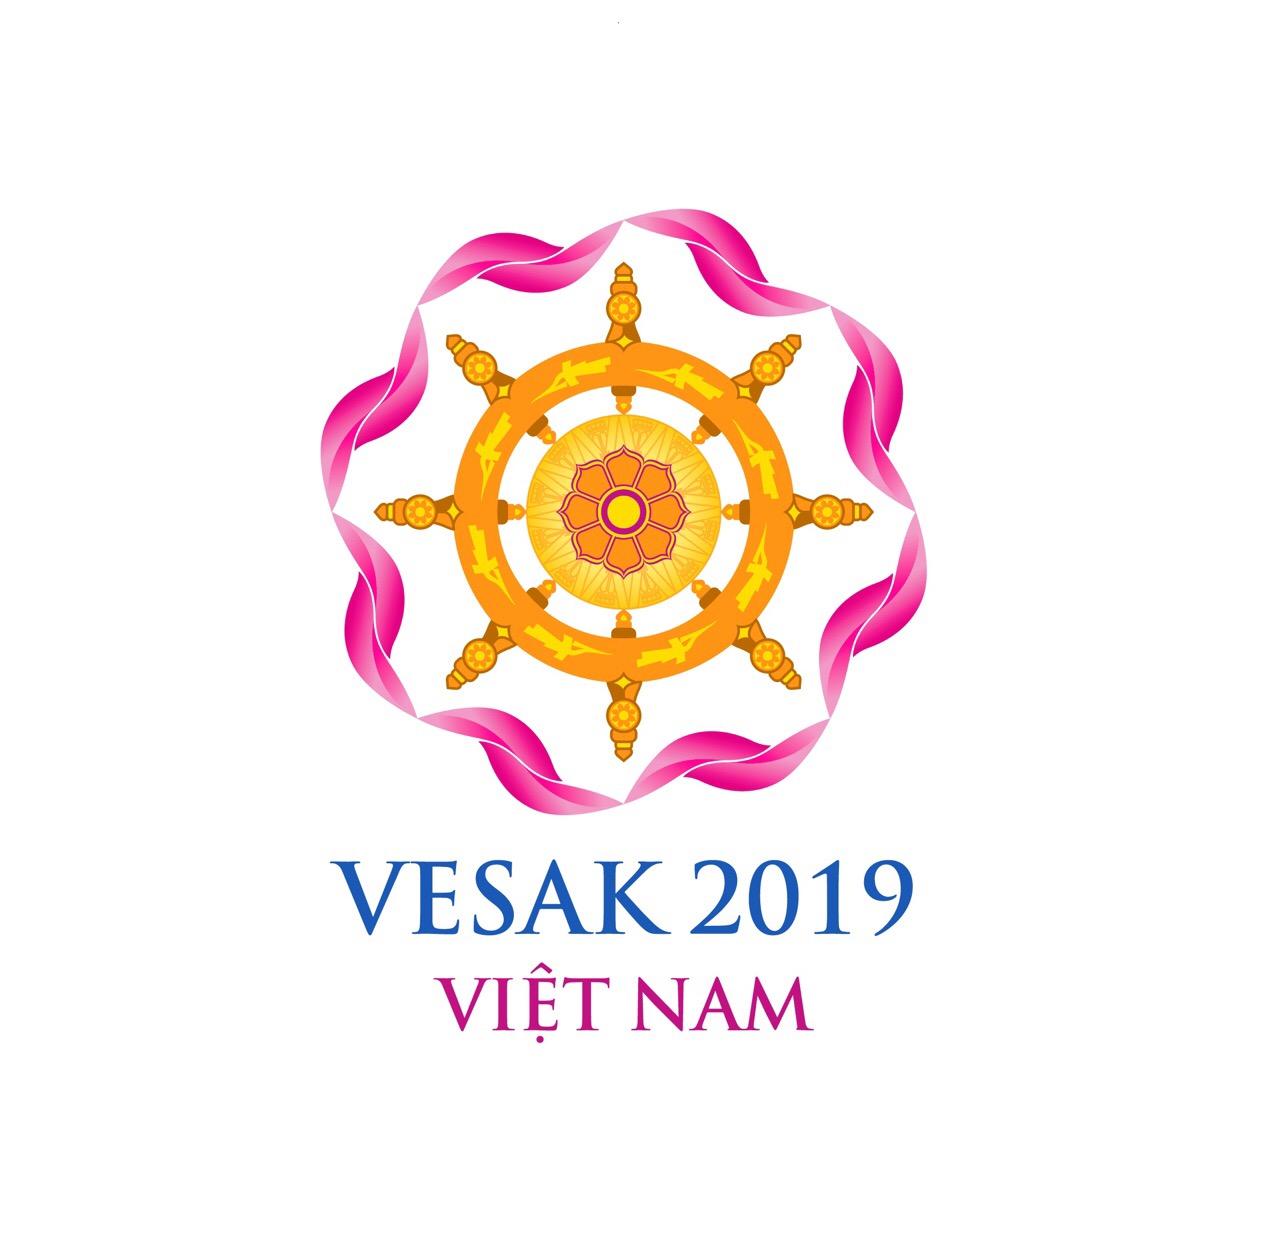 Việt Nam đăng cai Đại lễ Phật đản Vesak LHQ PL. 2563 - DL. 2019